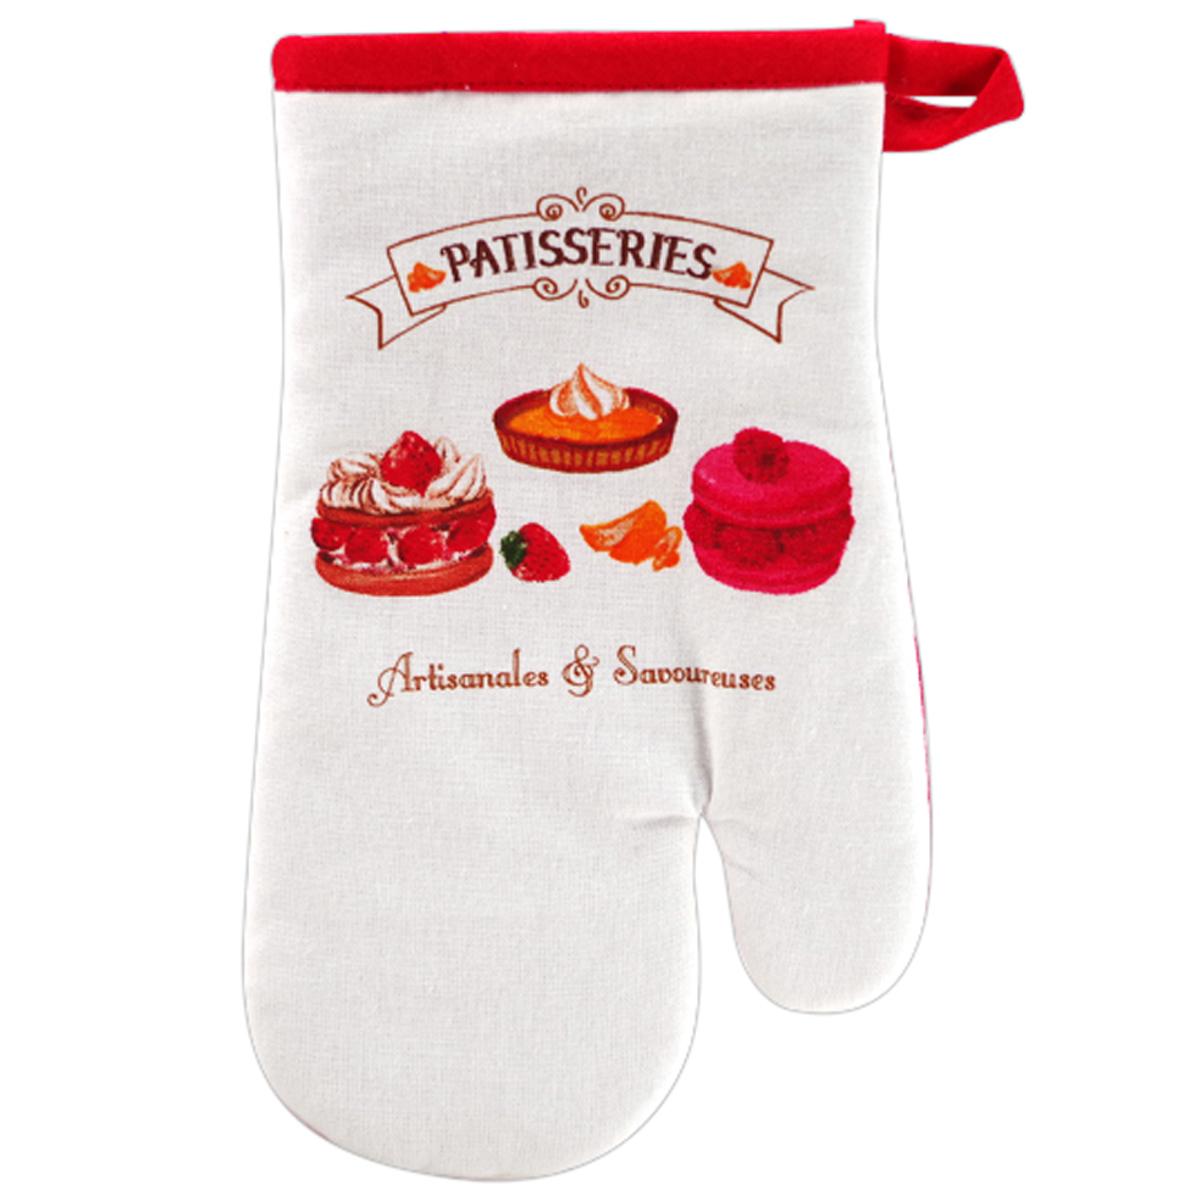 Gant de cuisine \'Pâtisseries\' rouge blanc (Artisanales et Savoureuses) - 28x14 cm - [A2431]